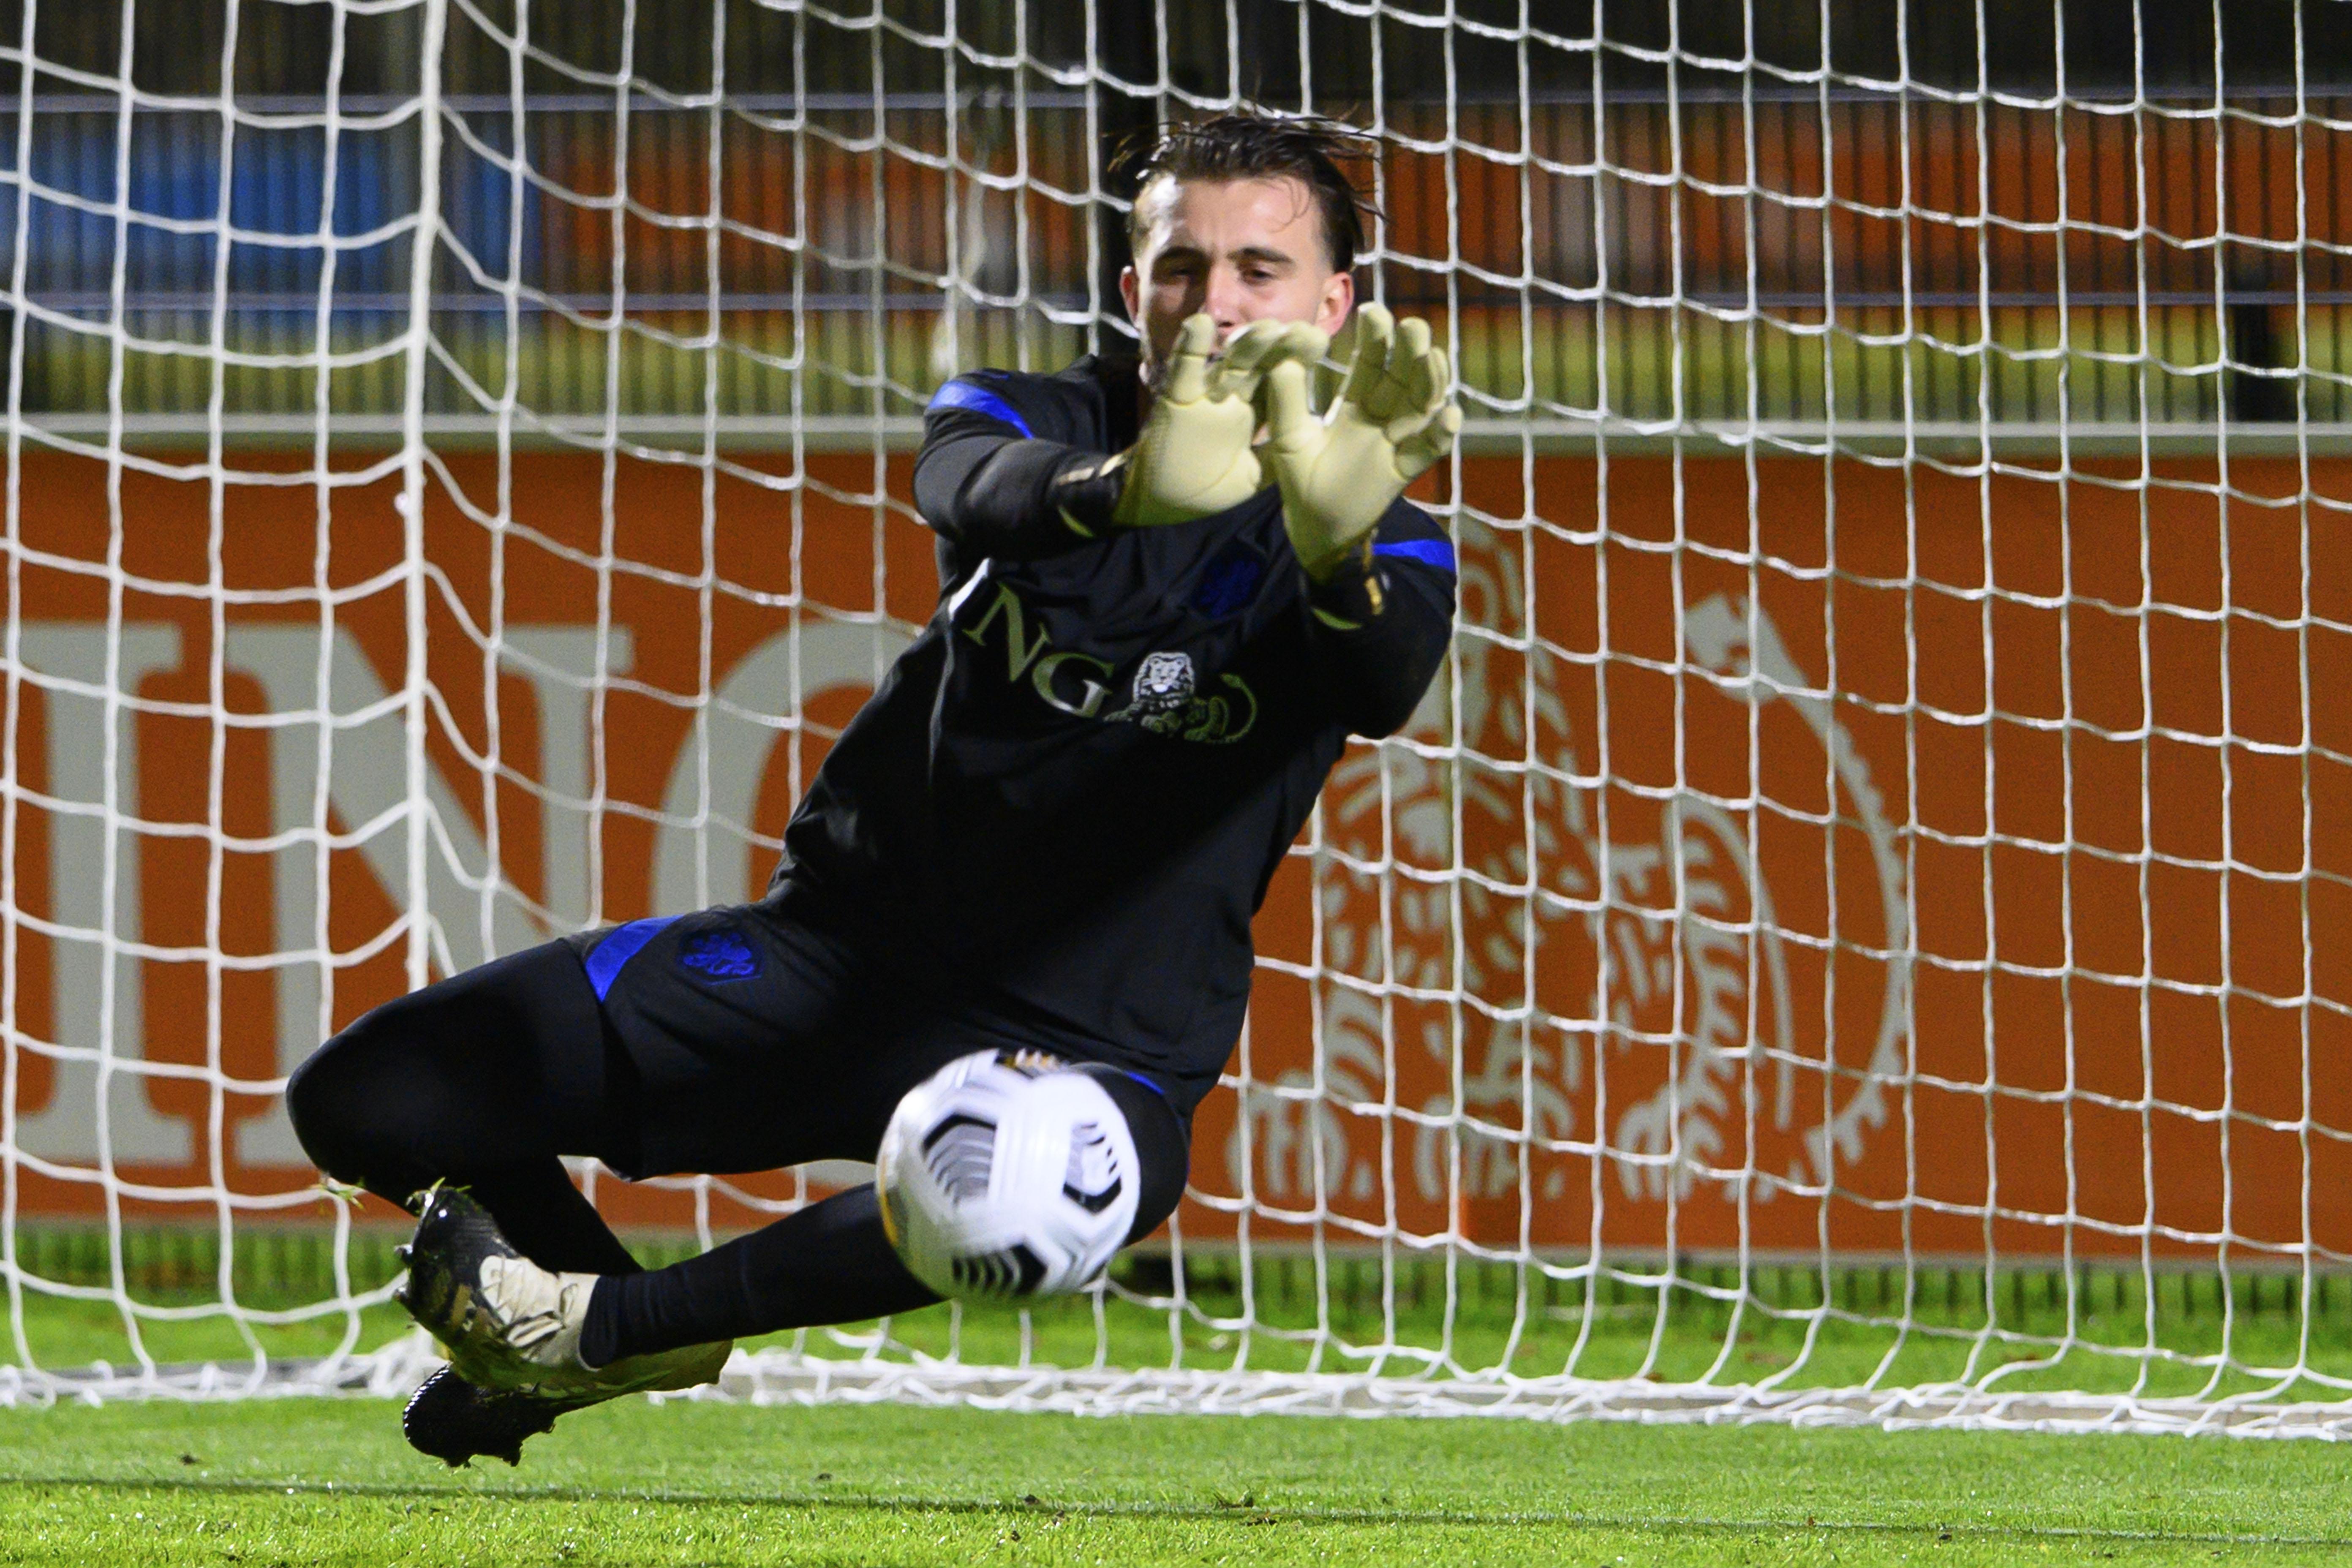 Joël Drommel en zijn vader Piet-Jan moesten samen janken bij selectie voor Oranje: 'Hij gaat nu niet spelen, maar in de toekomst wordt hij eerste doelman'